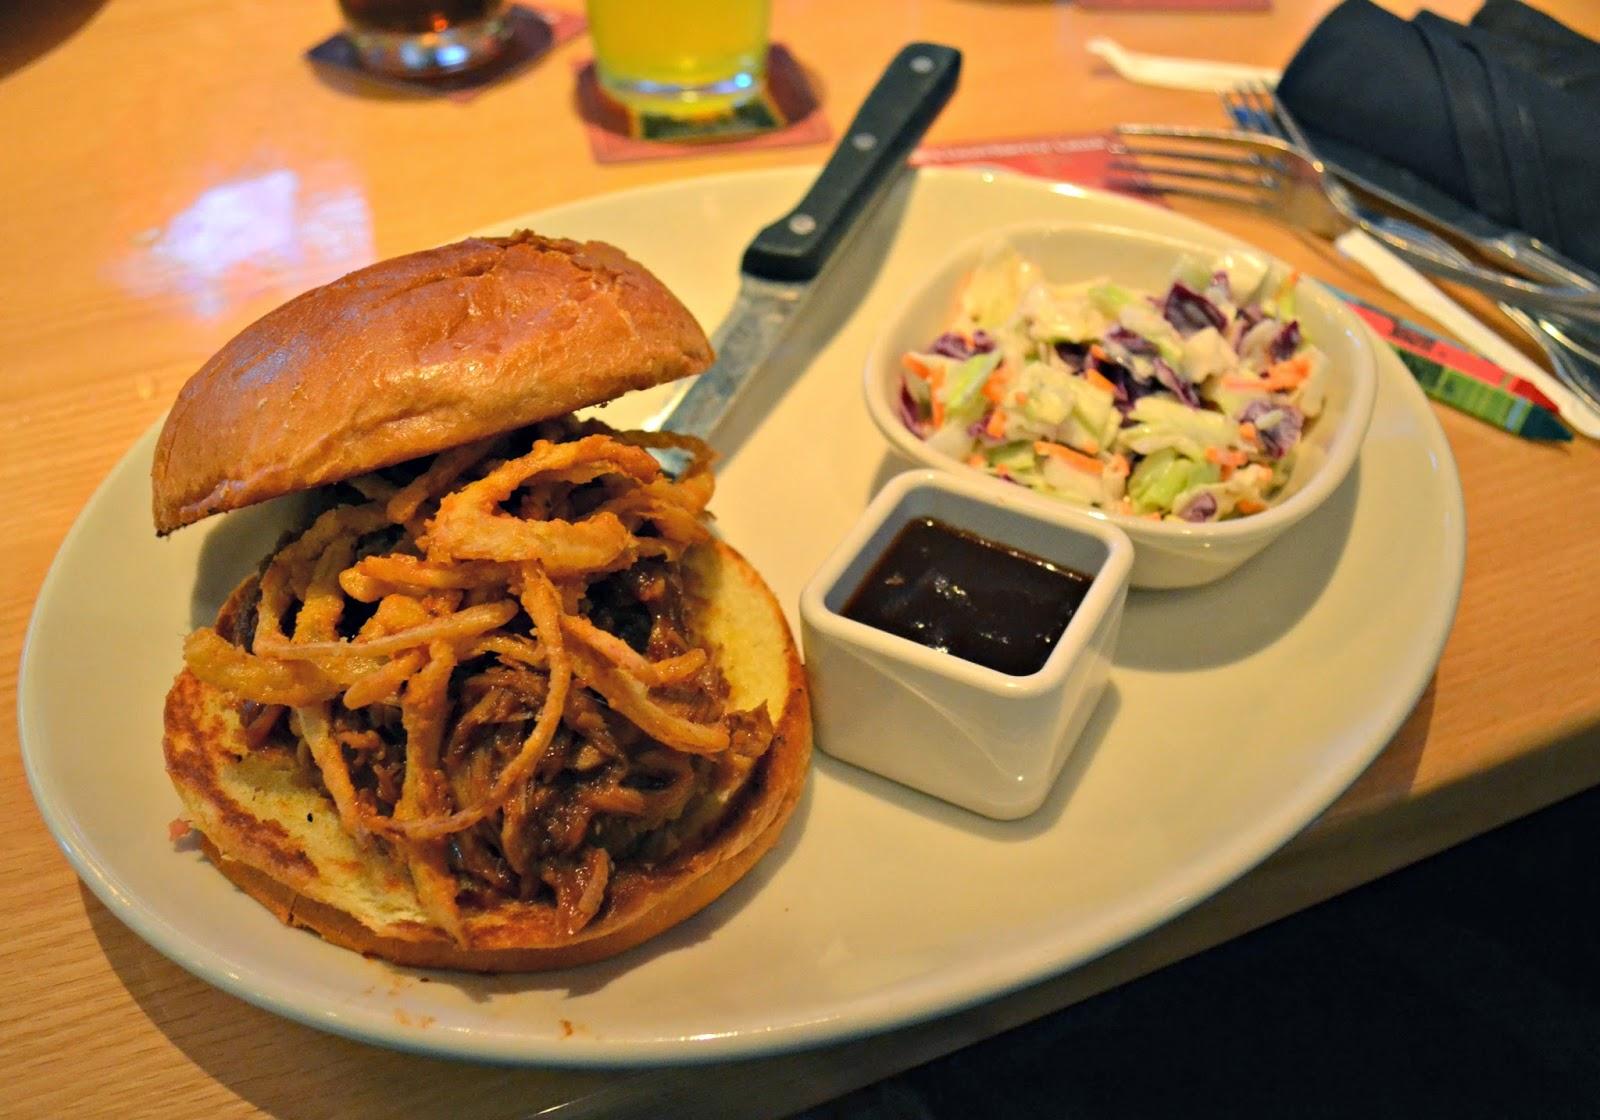 BJ's Restaurant.  BJ's Restaurant Dine In Order Ahead Mobile App.  Dine In Order Ahead Mobile App.  #DineInOrderAhead